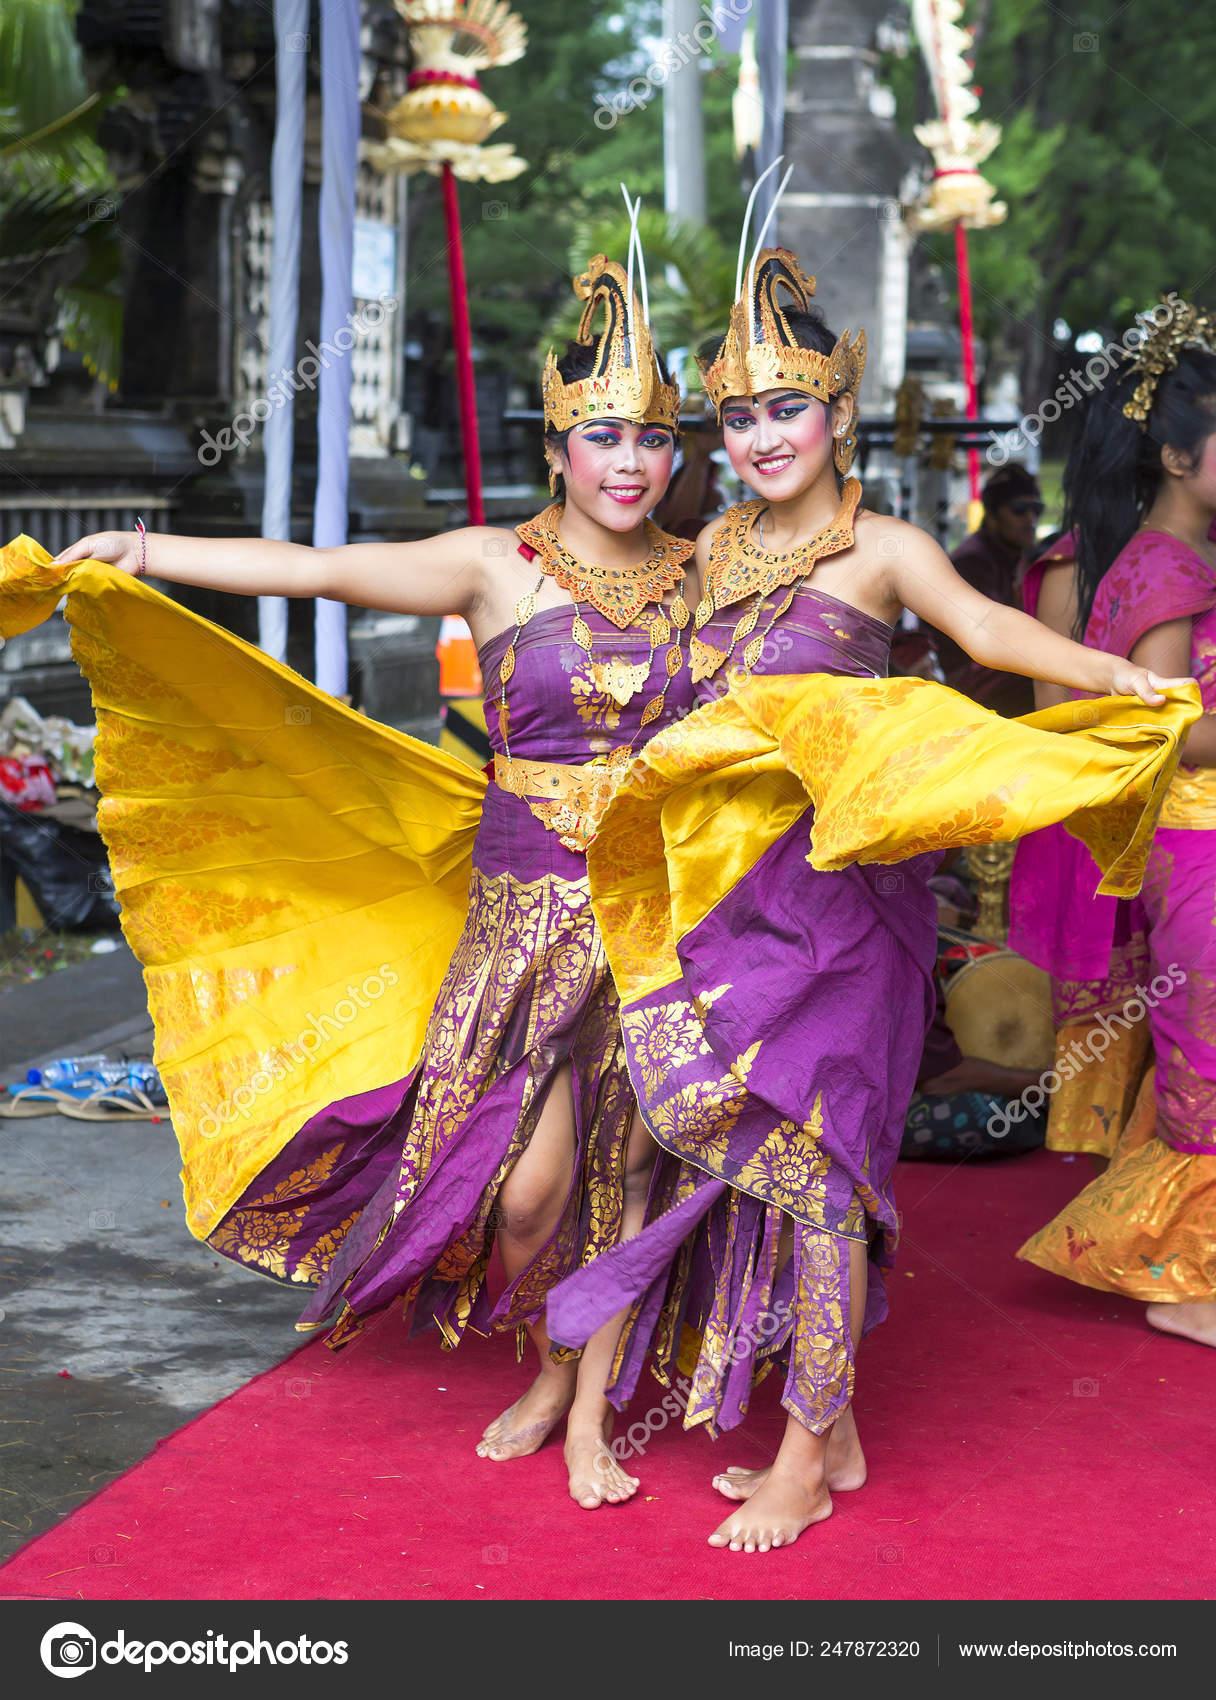 Bali dating free